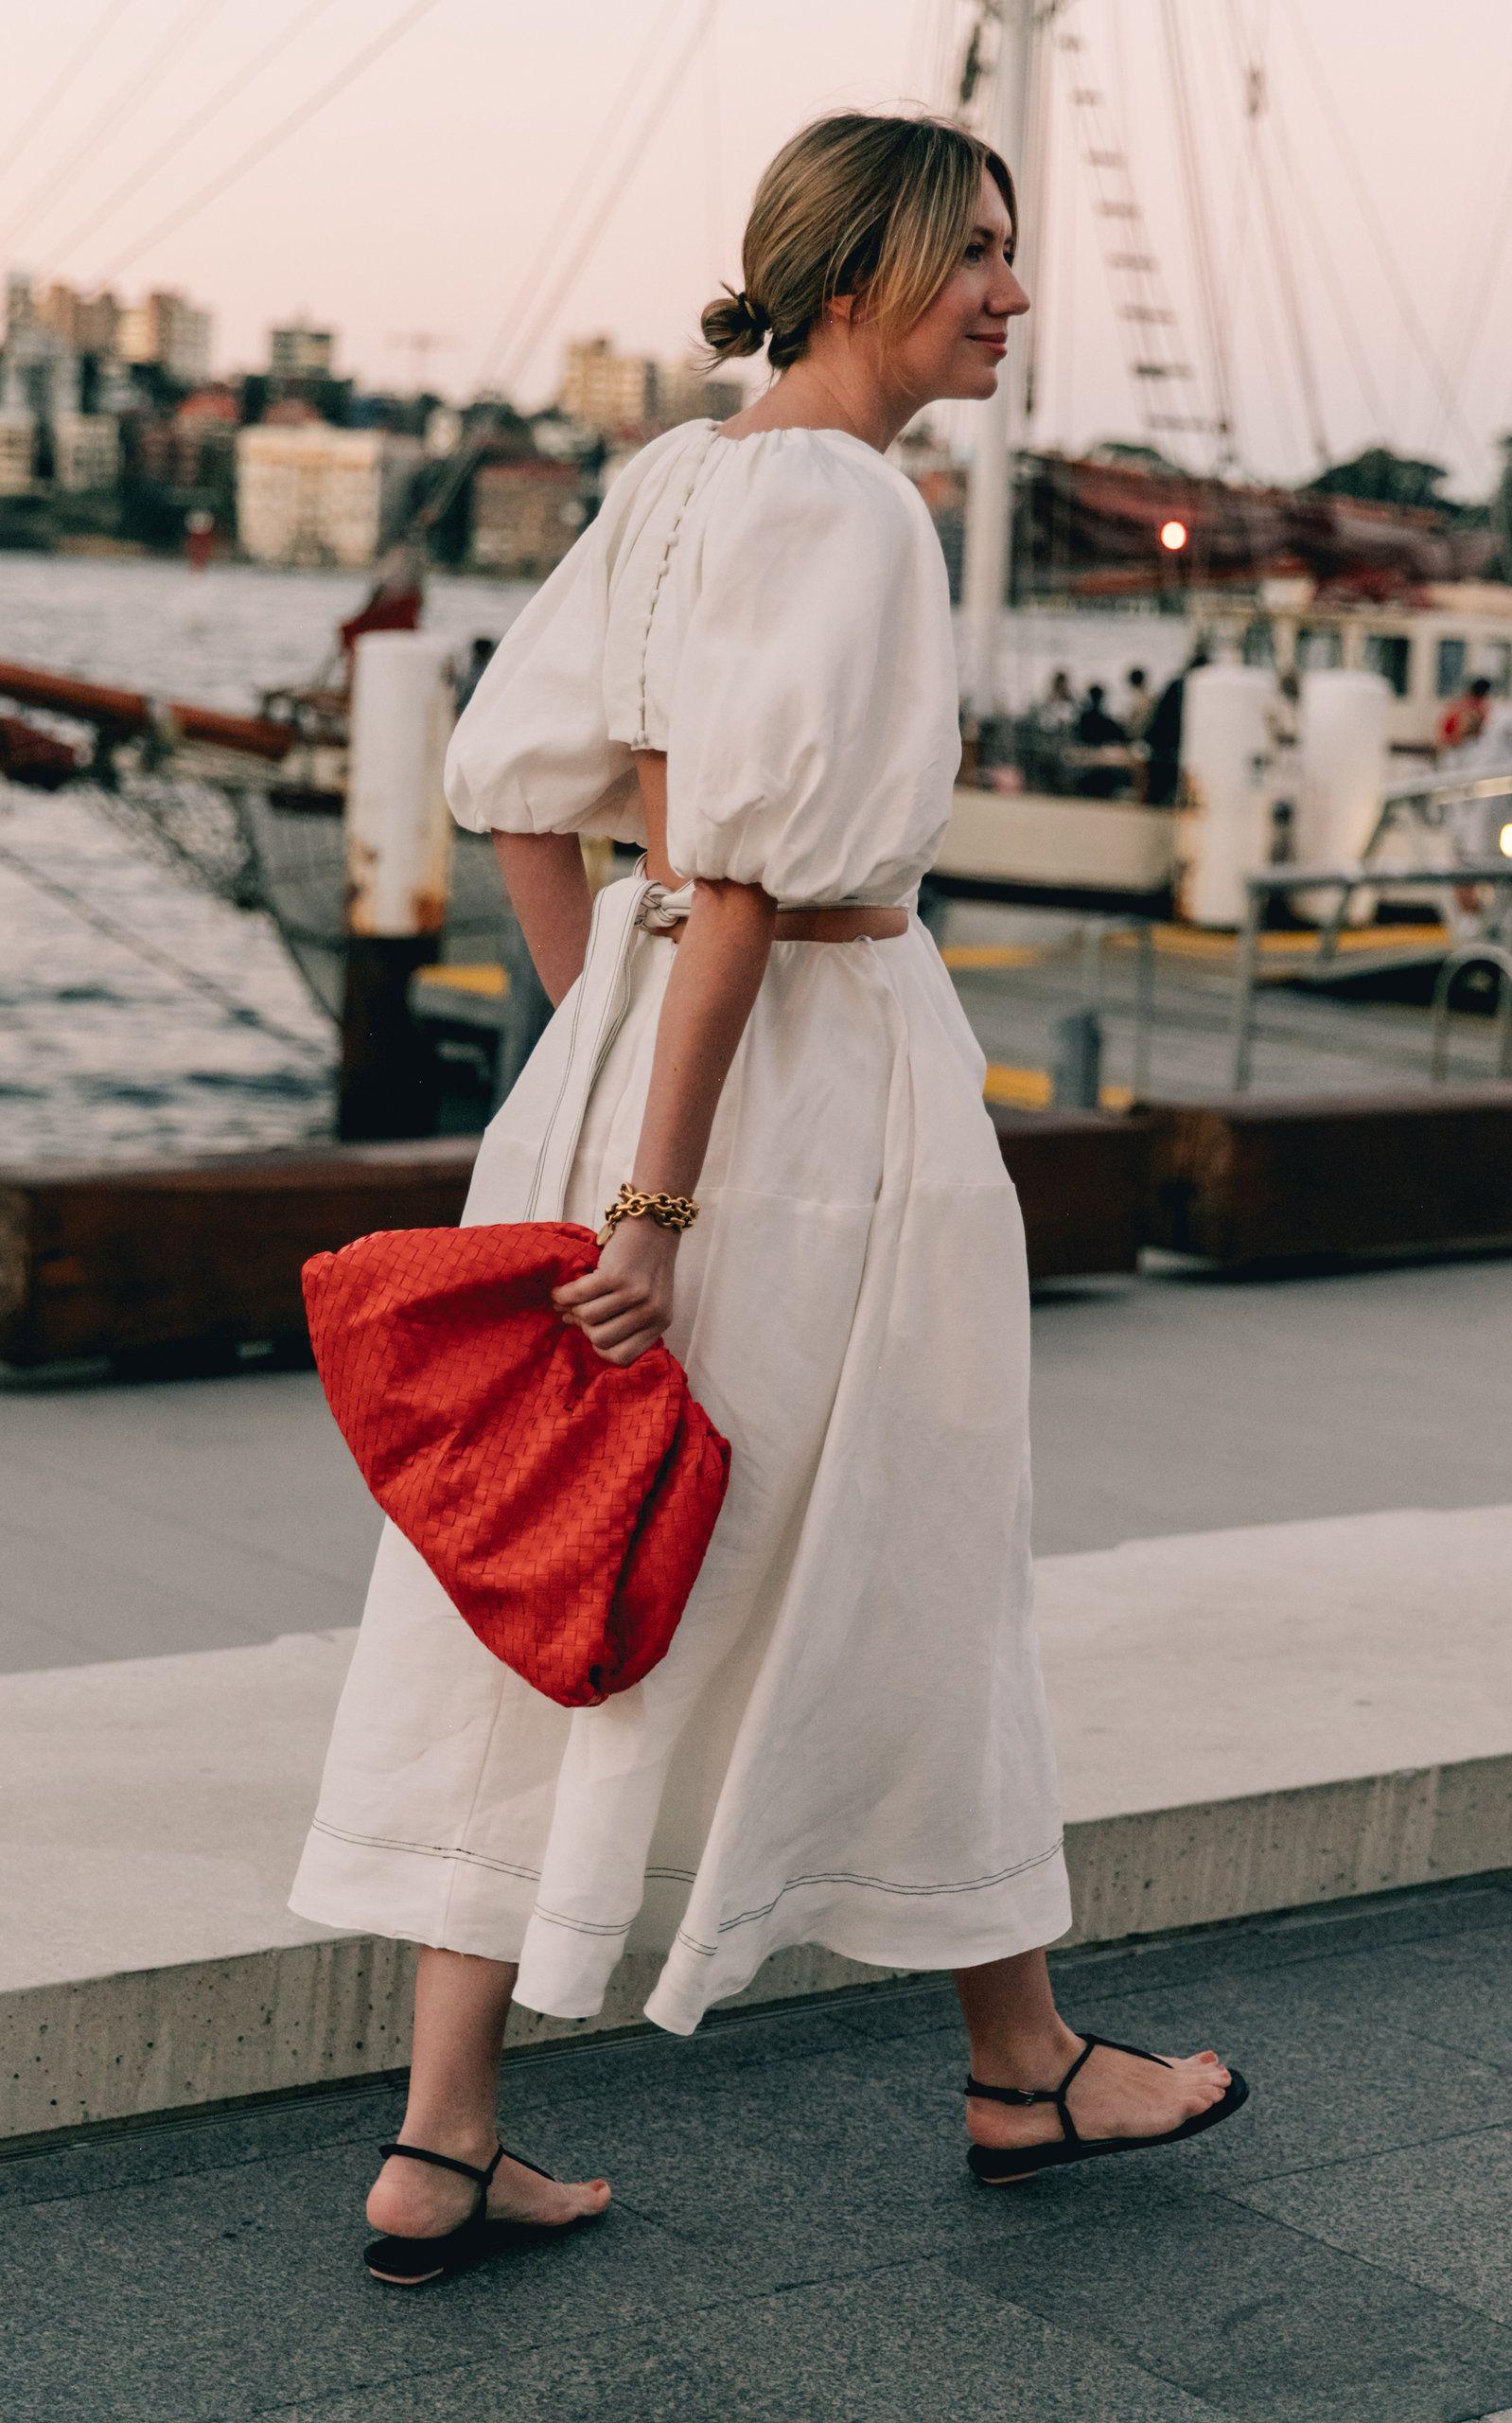 Túi xách đỏ cầm tay và đầm phồng trắng